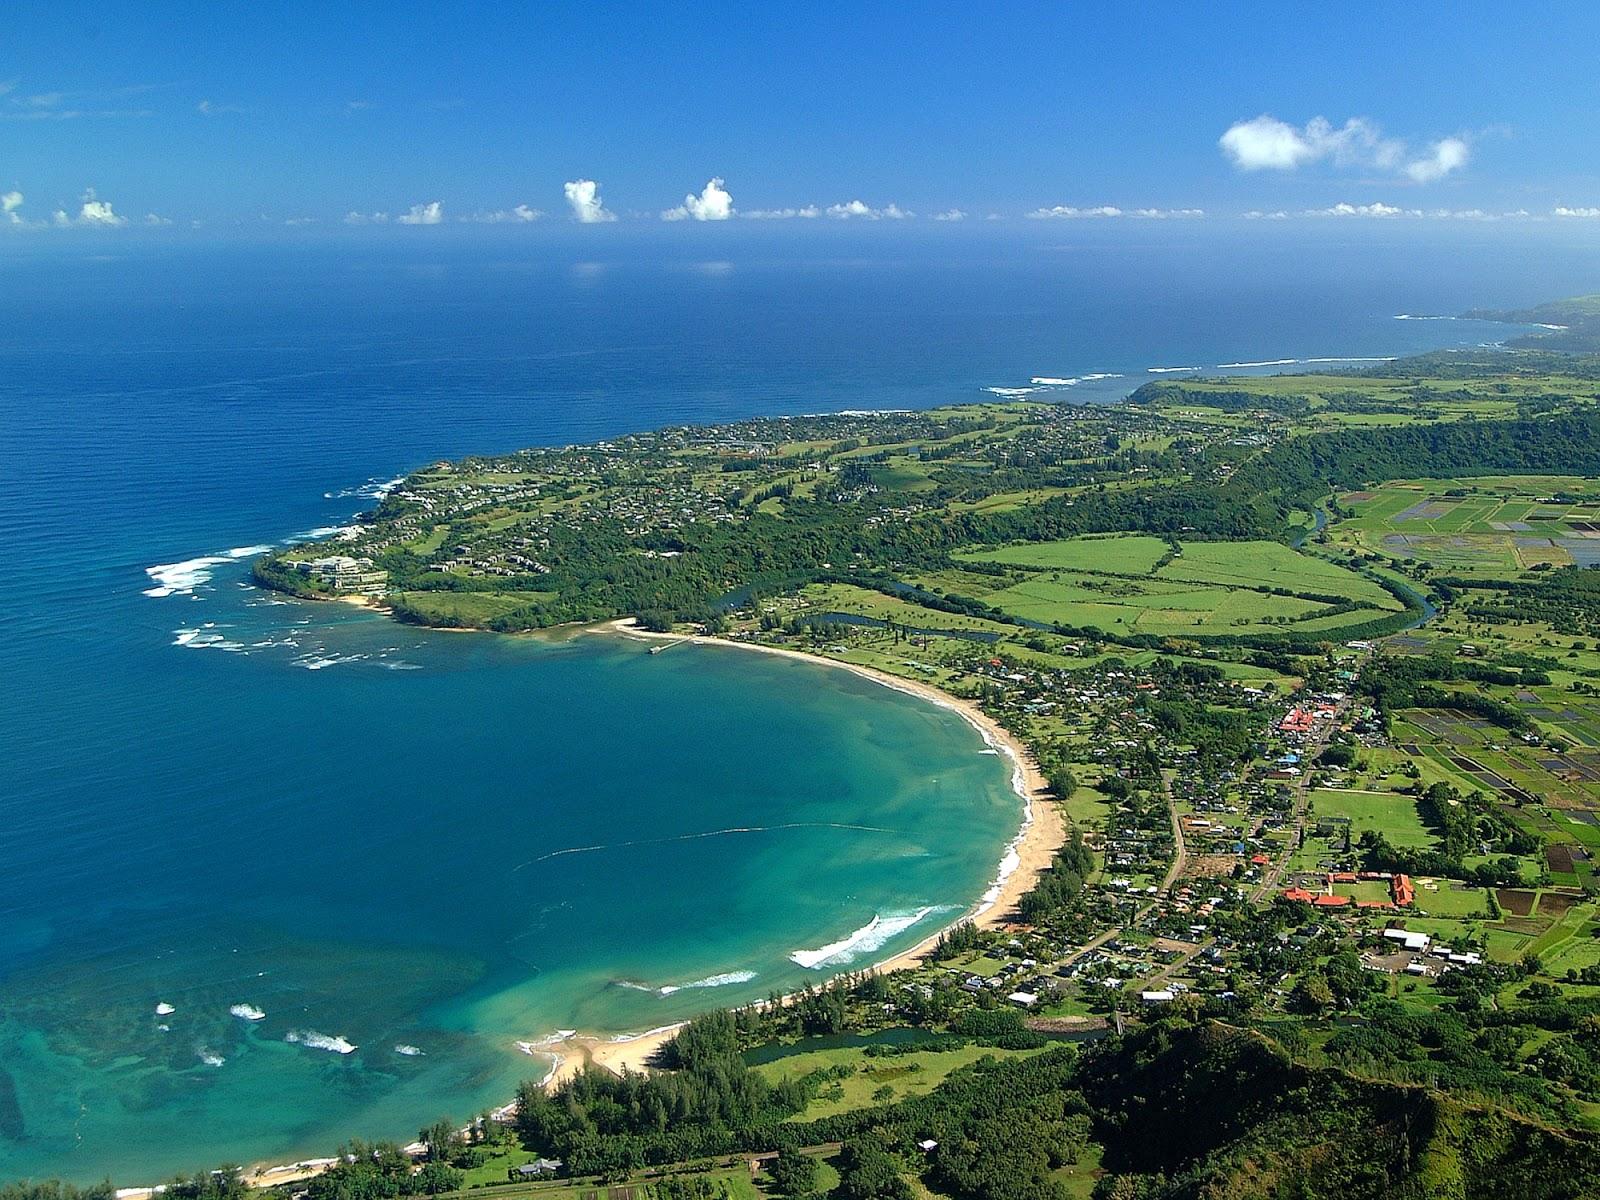 Kauai Hawaii: BridalTweet Wedding Forum & Vendor